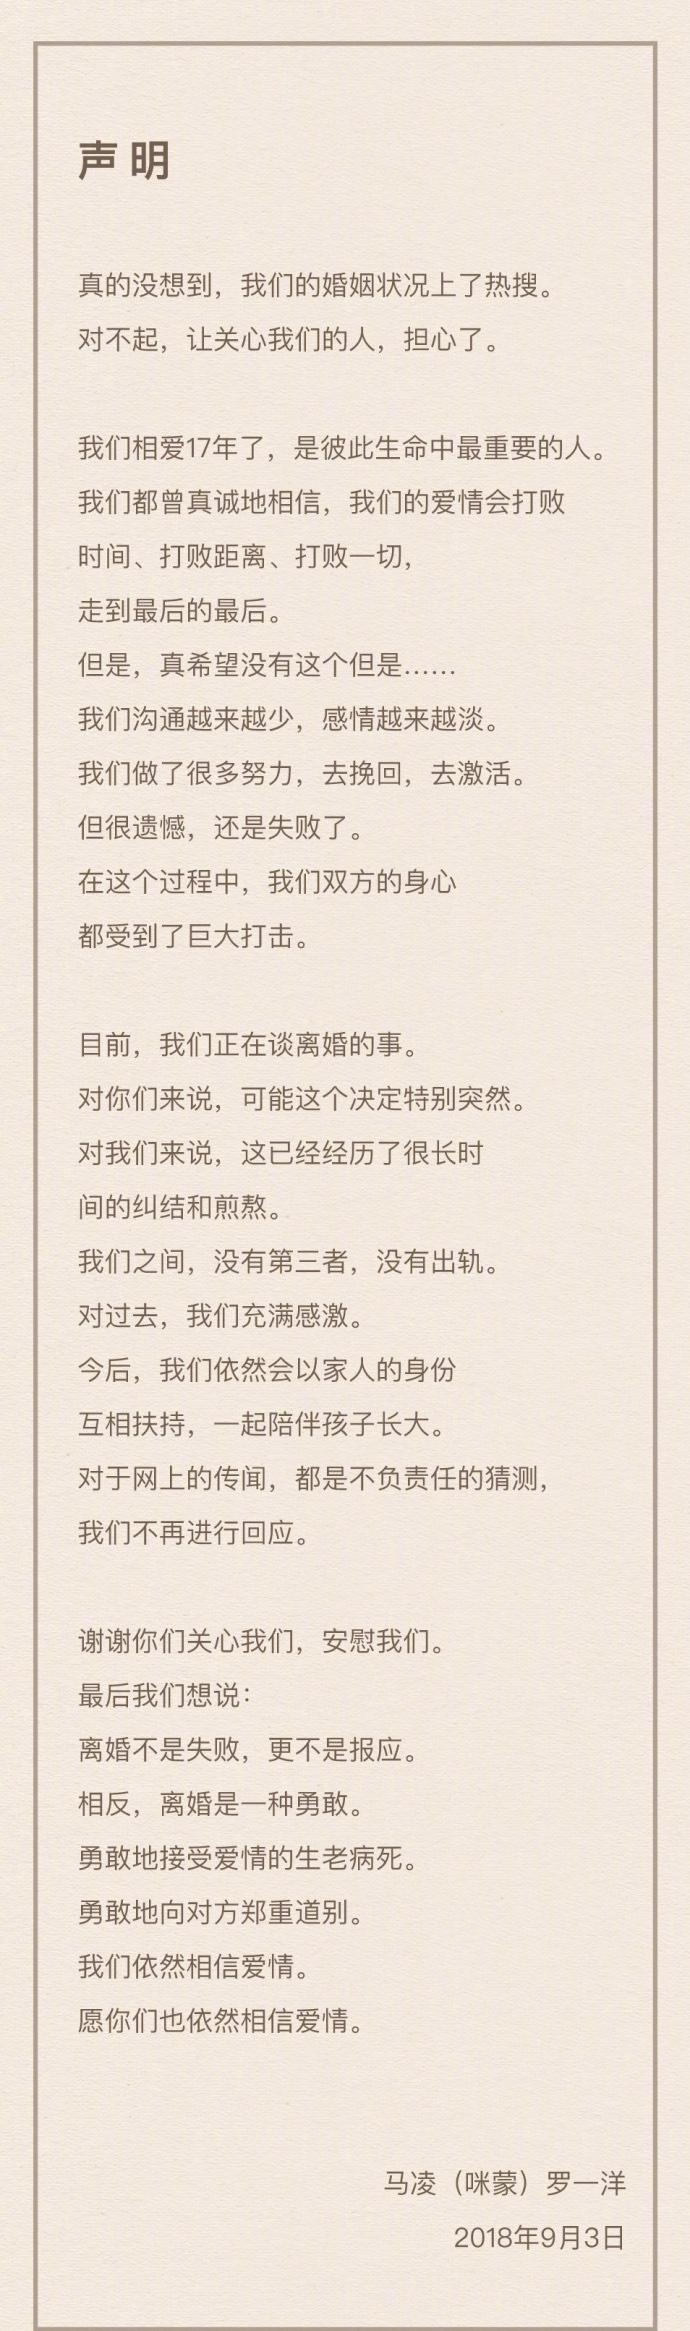 迷蒙是谁?咪蒙承认离婚:毕业于山东大学中文系 代表作有哪些?